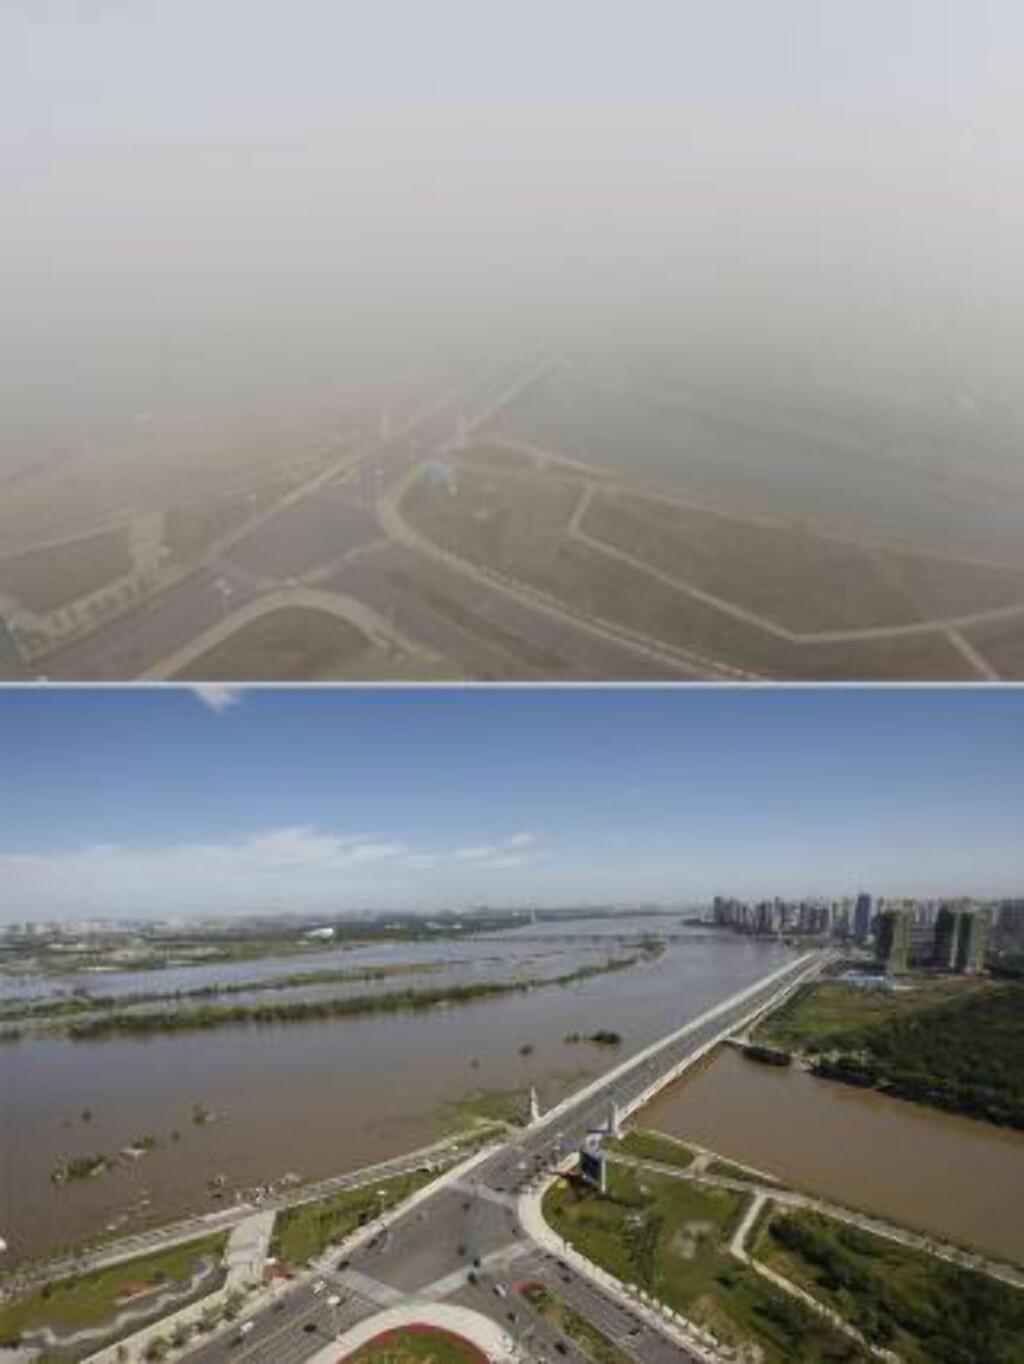 FØR OG ETTER KULLFYRING:  Bildet av nøyaktig samme område i Harbin nordøst i Kina er tatt midt på dagen 22. oktober (over) og 27. august (under).  FOTO: AFP/NTB Scanpix.